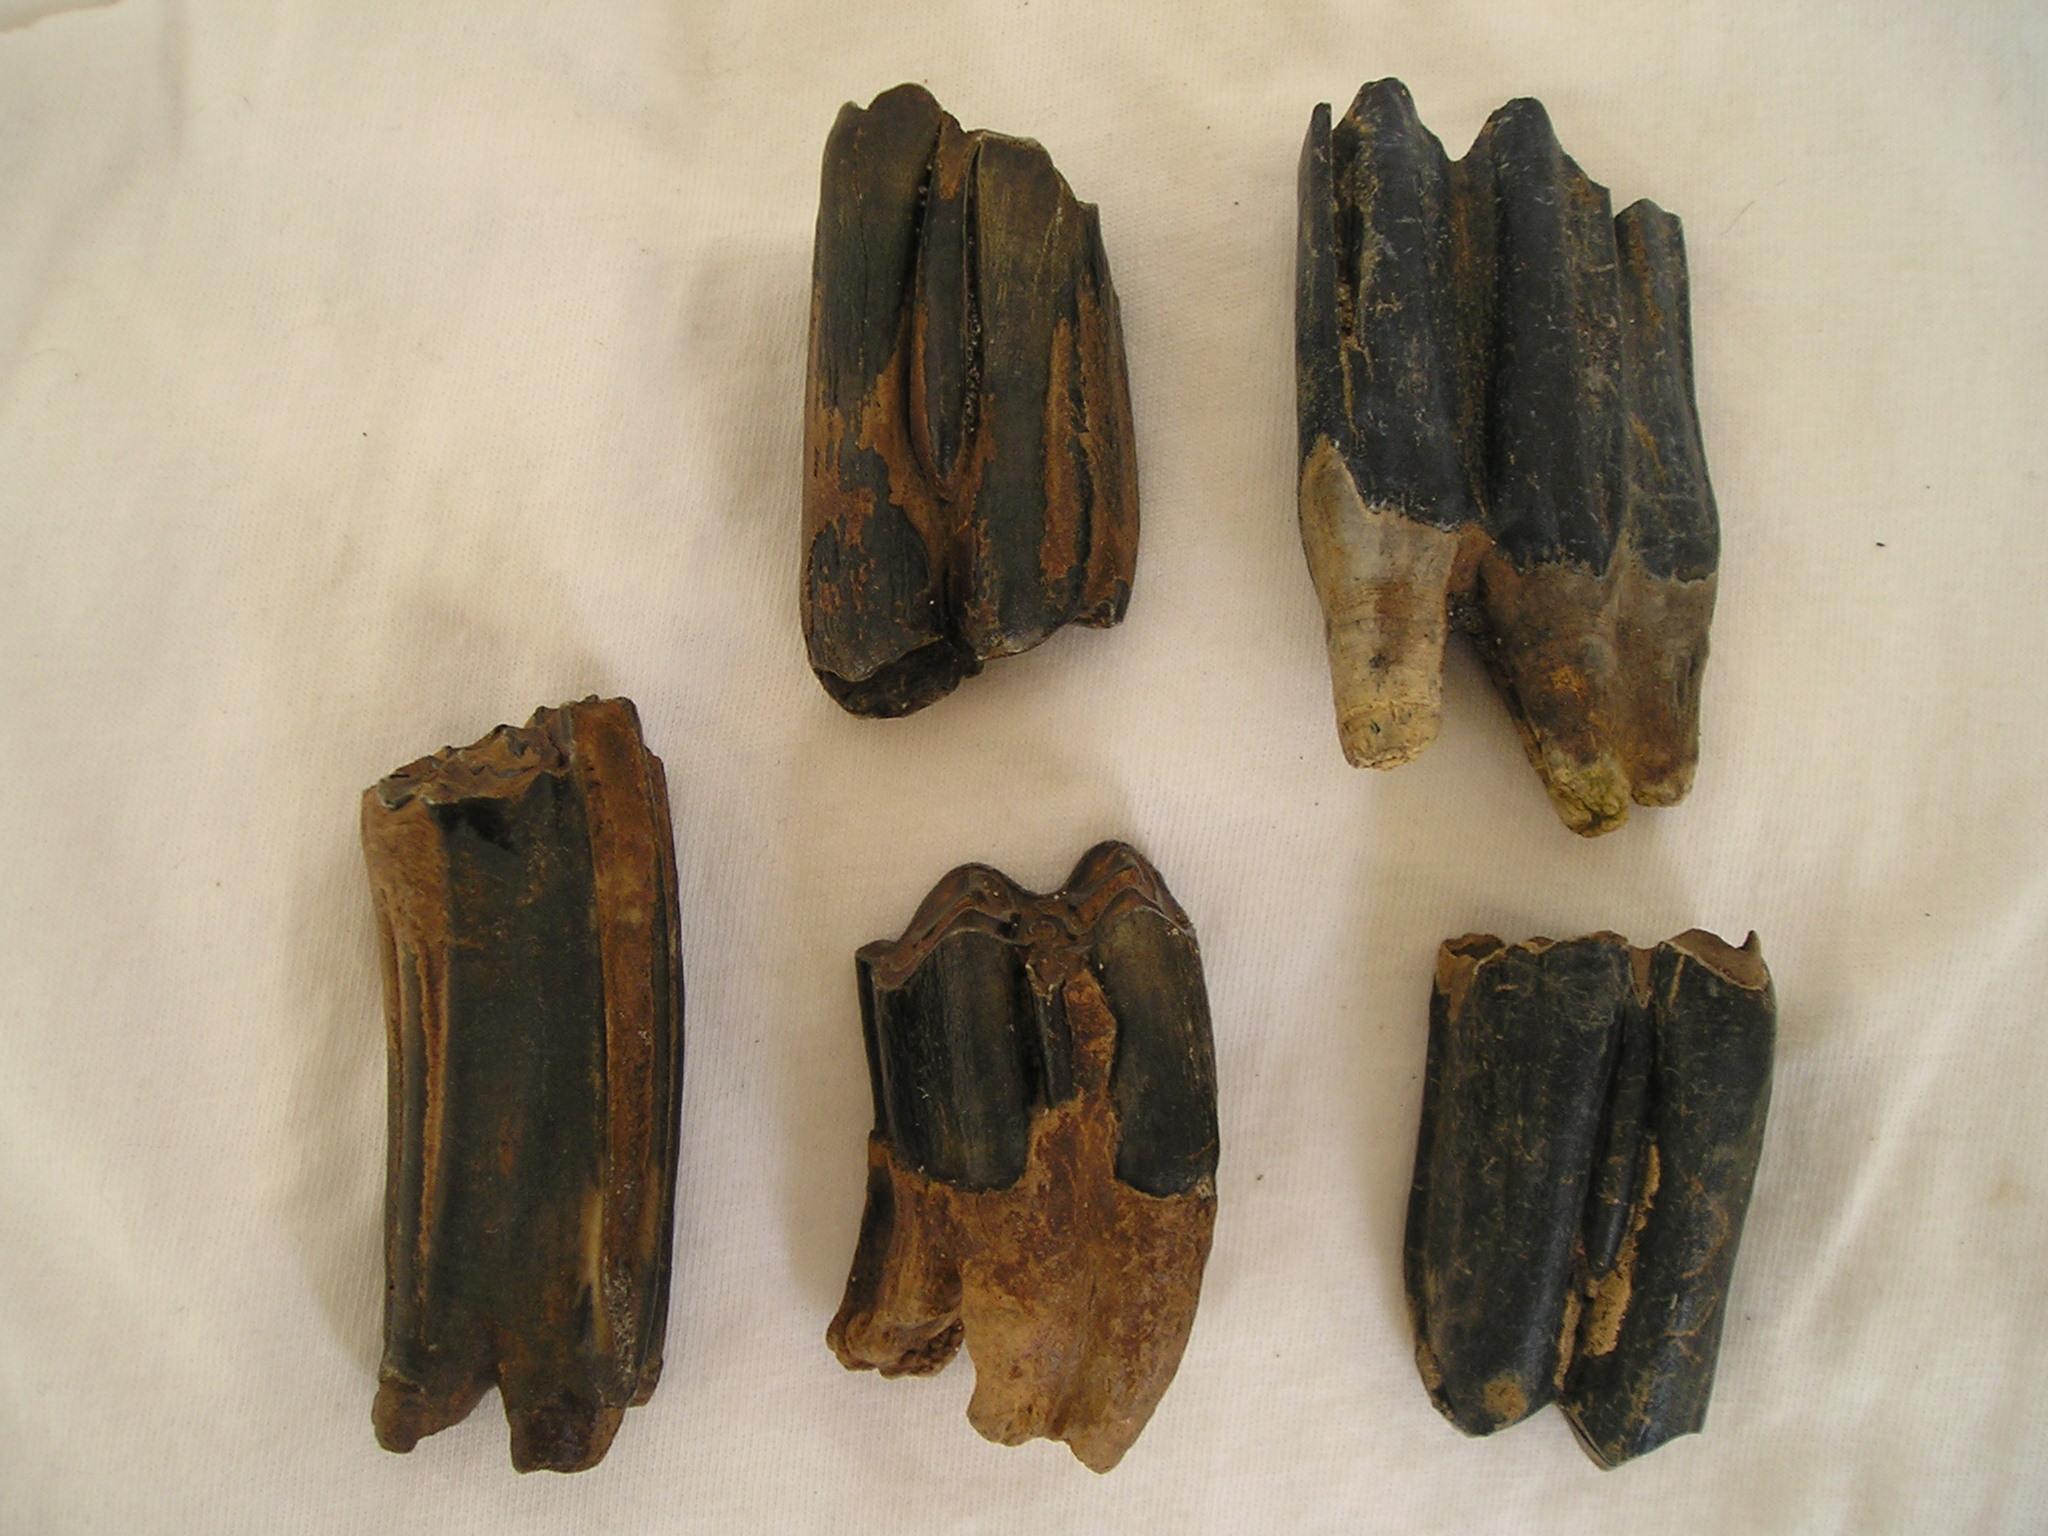 Dents de ruminants trouvés dans les tourbes littorales du Châtelet à Tardinghen